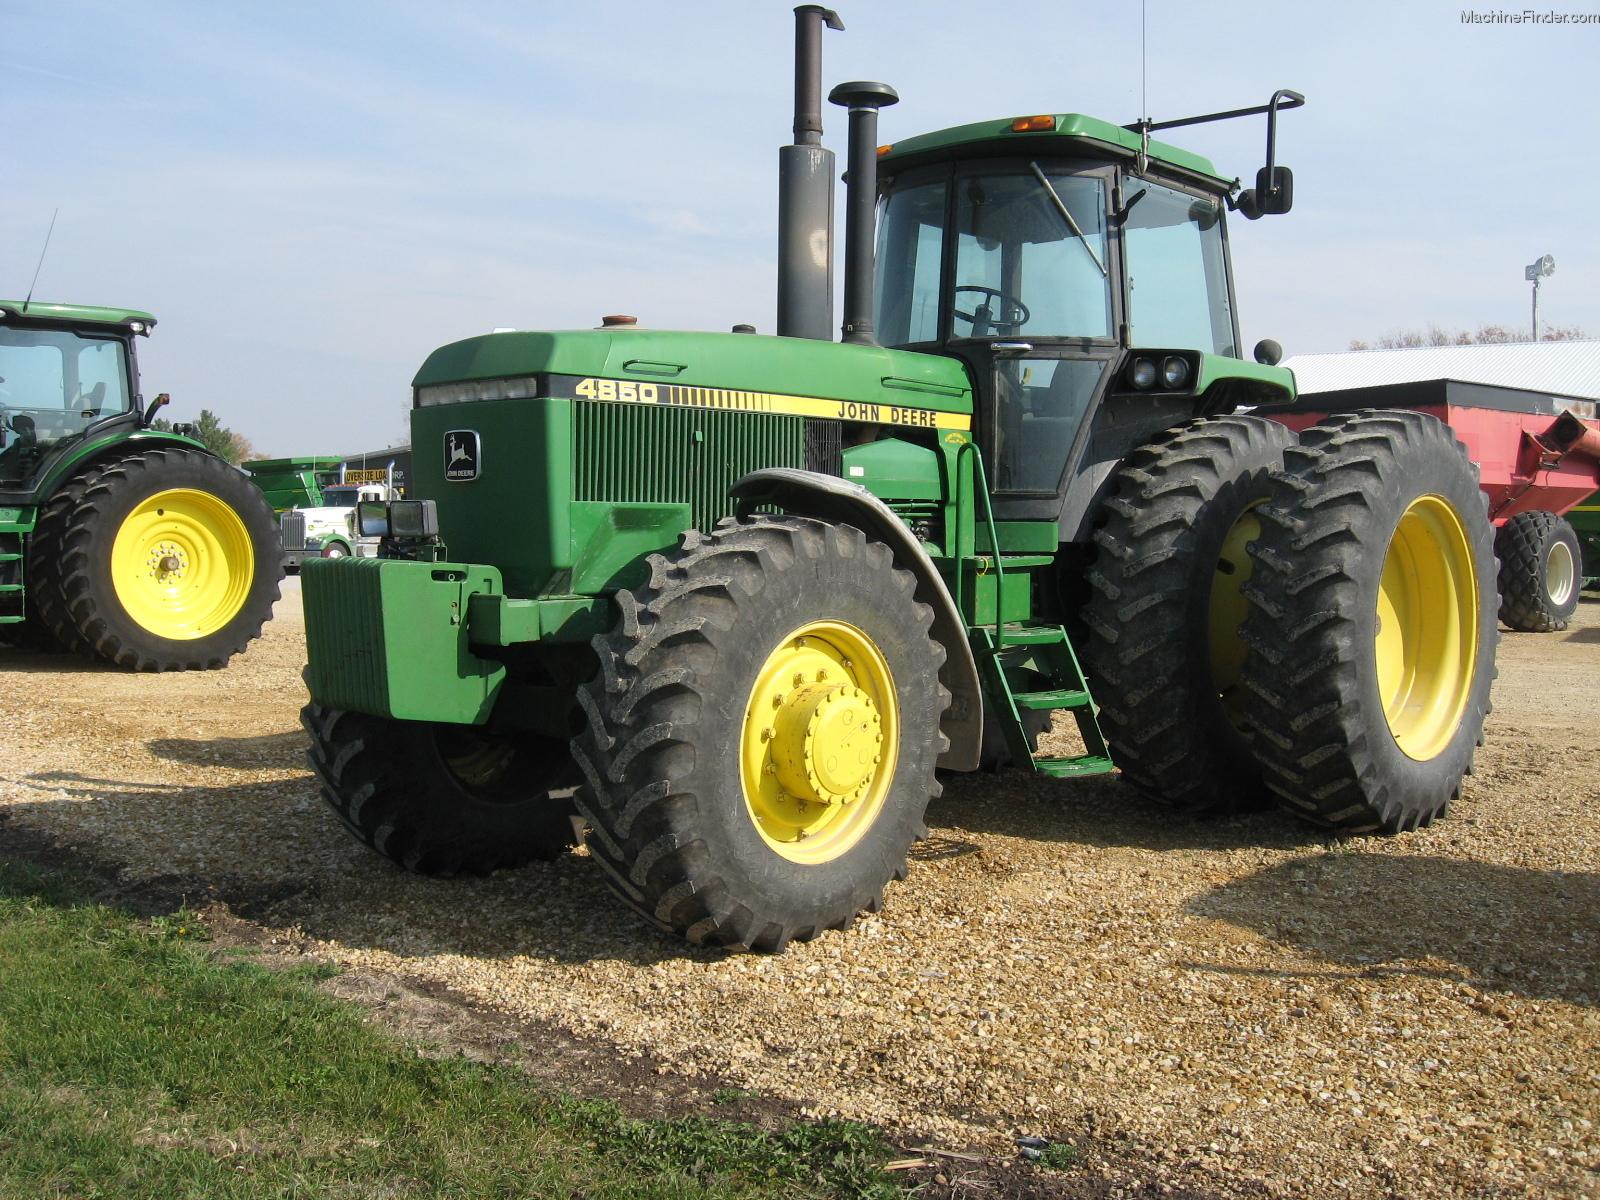 1983 John Deere 4850 Tractors - Row Crop (+100hp) - John ...